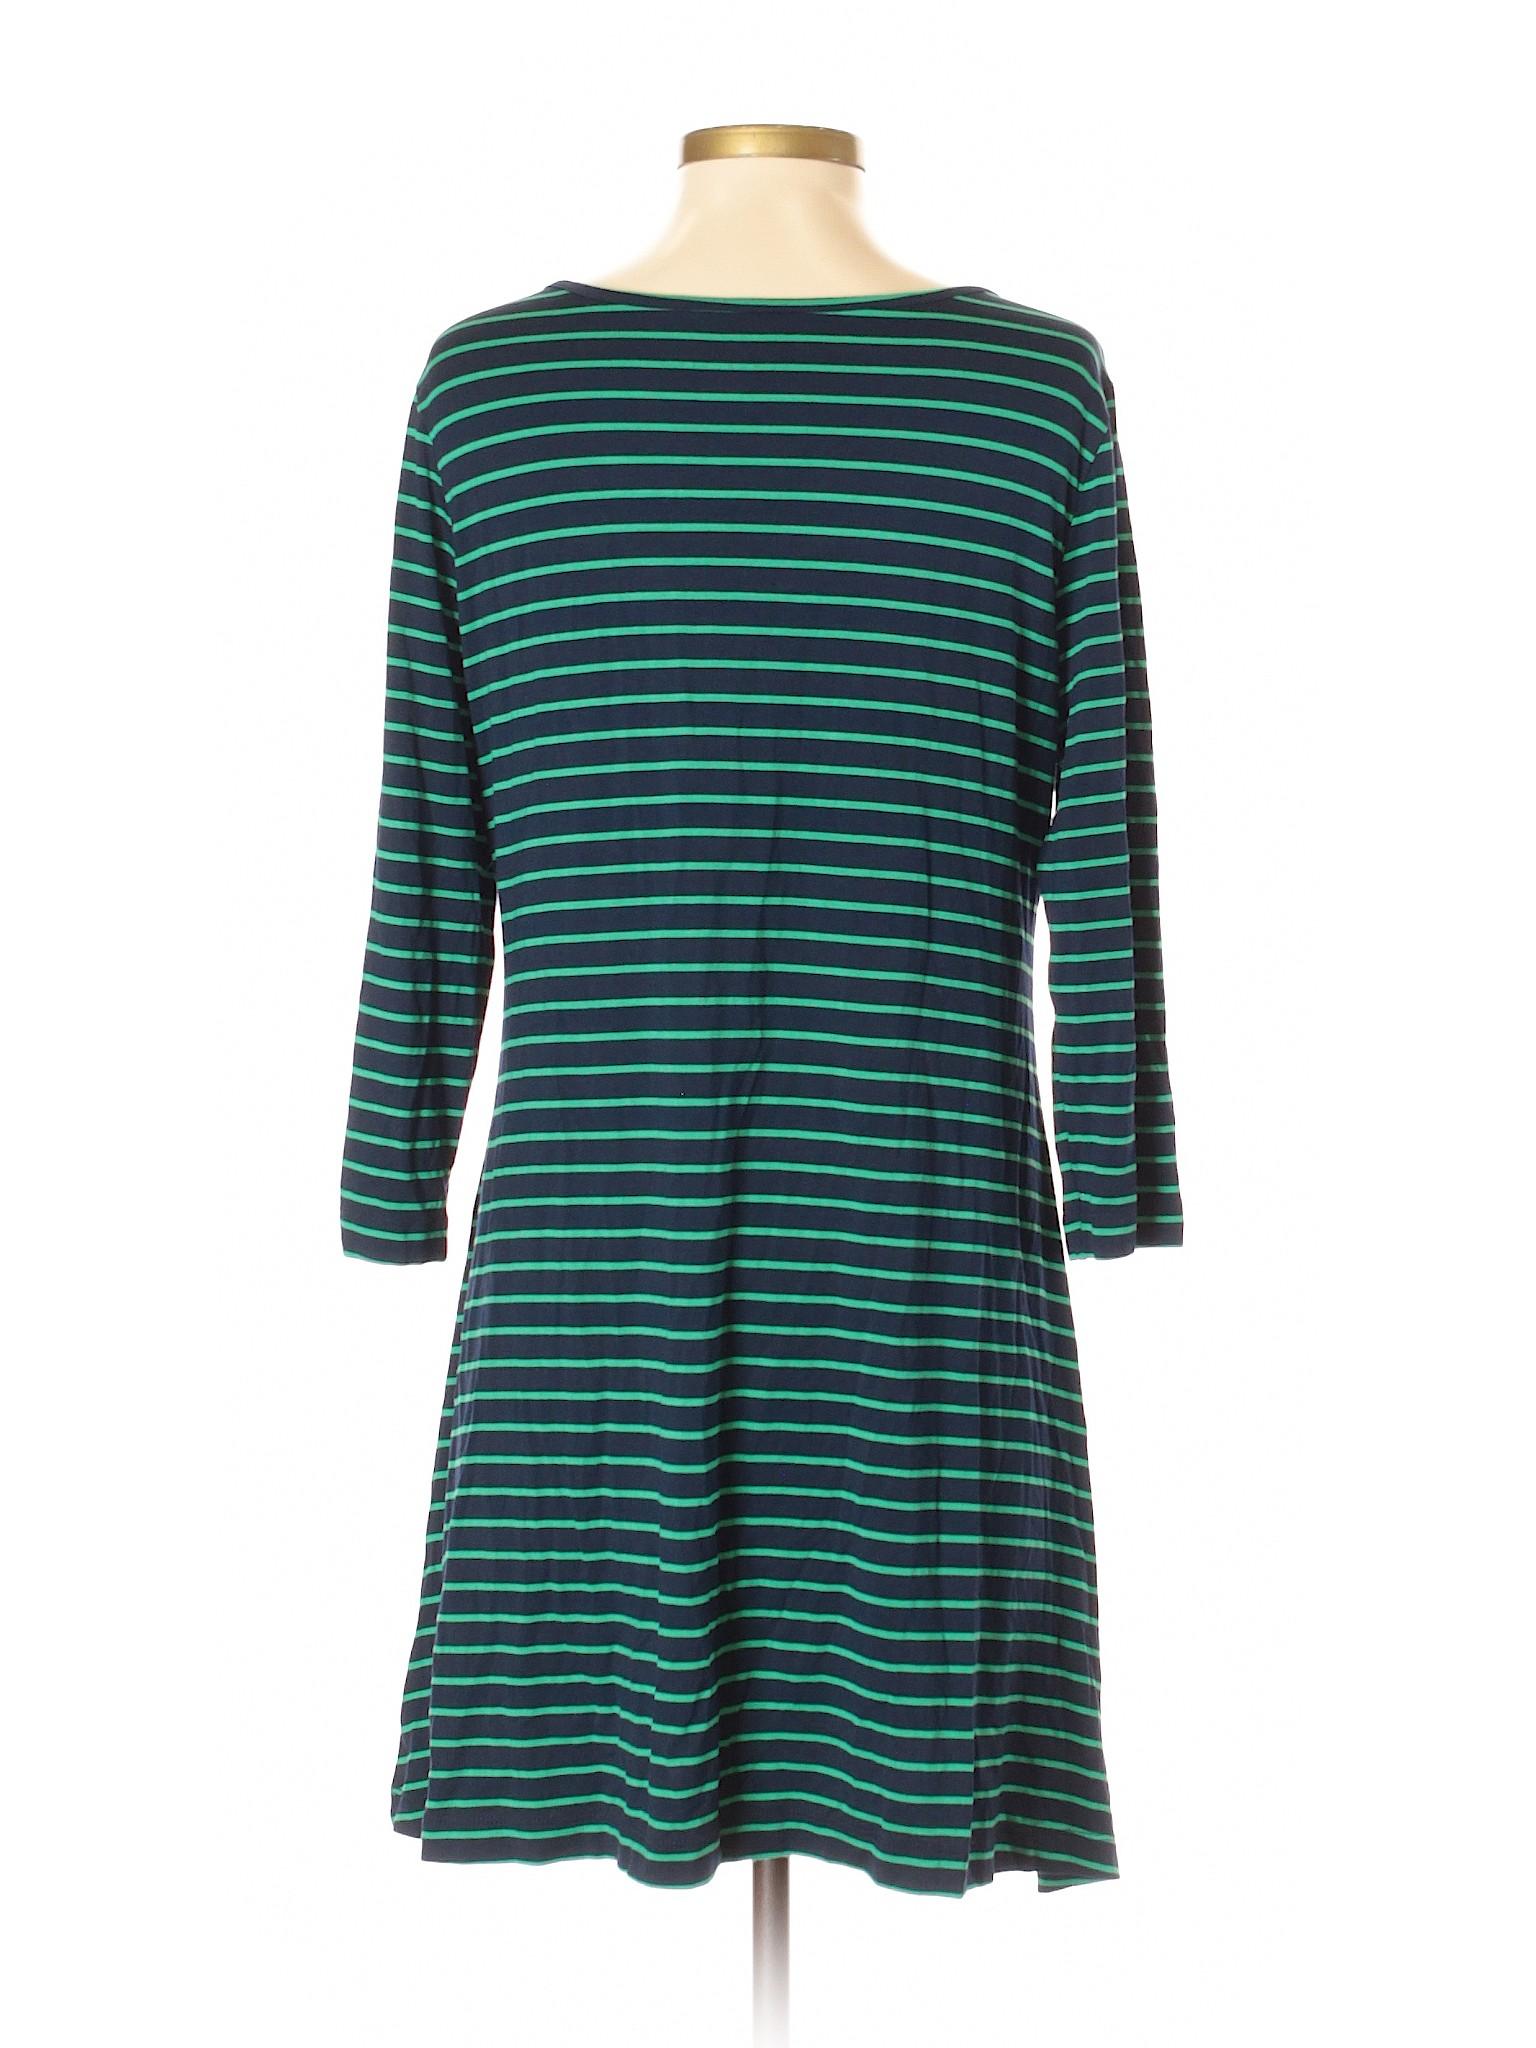 Dress Boutique winter Casual Soft Surroundings wq18CIq